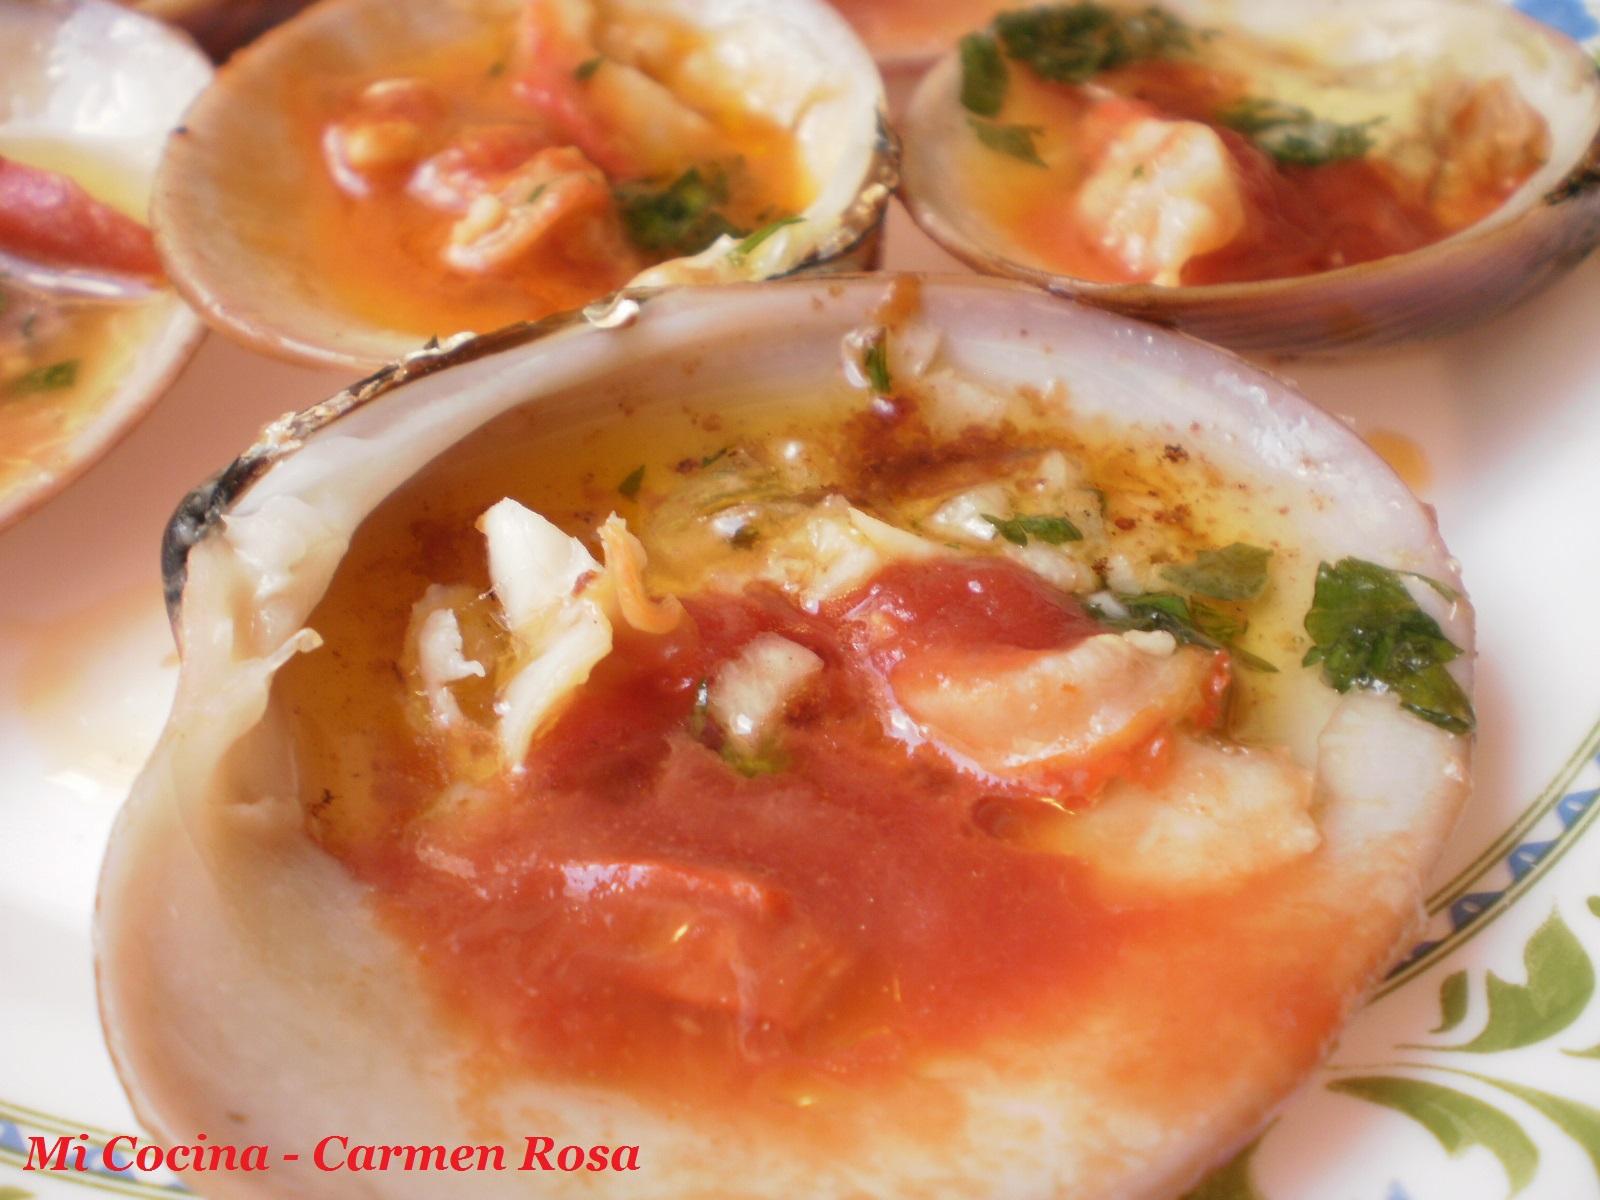 Mi cocina conchas finas a la plancha con mostaza y ketchup for Mi cocina malaga